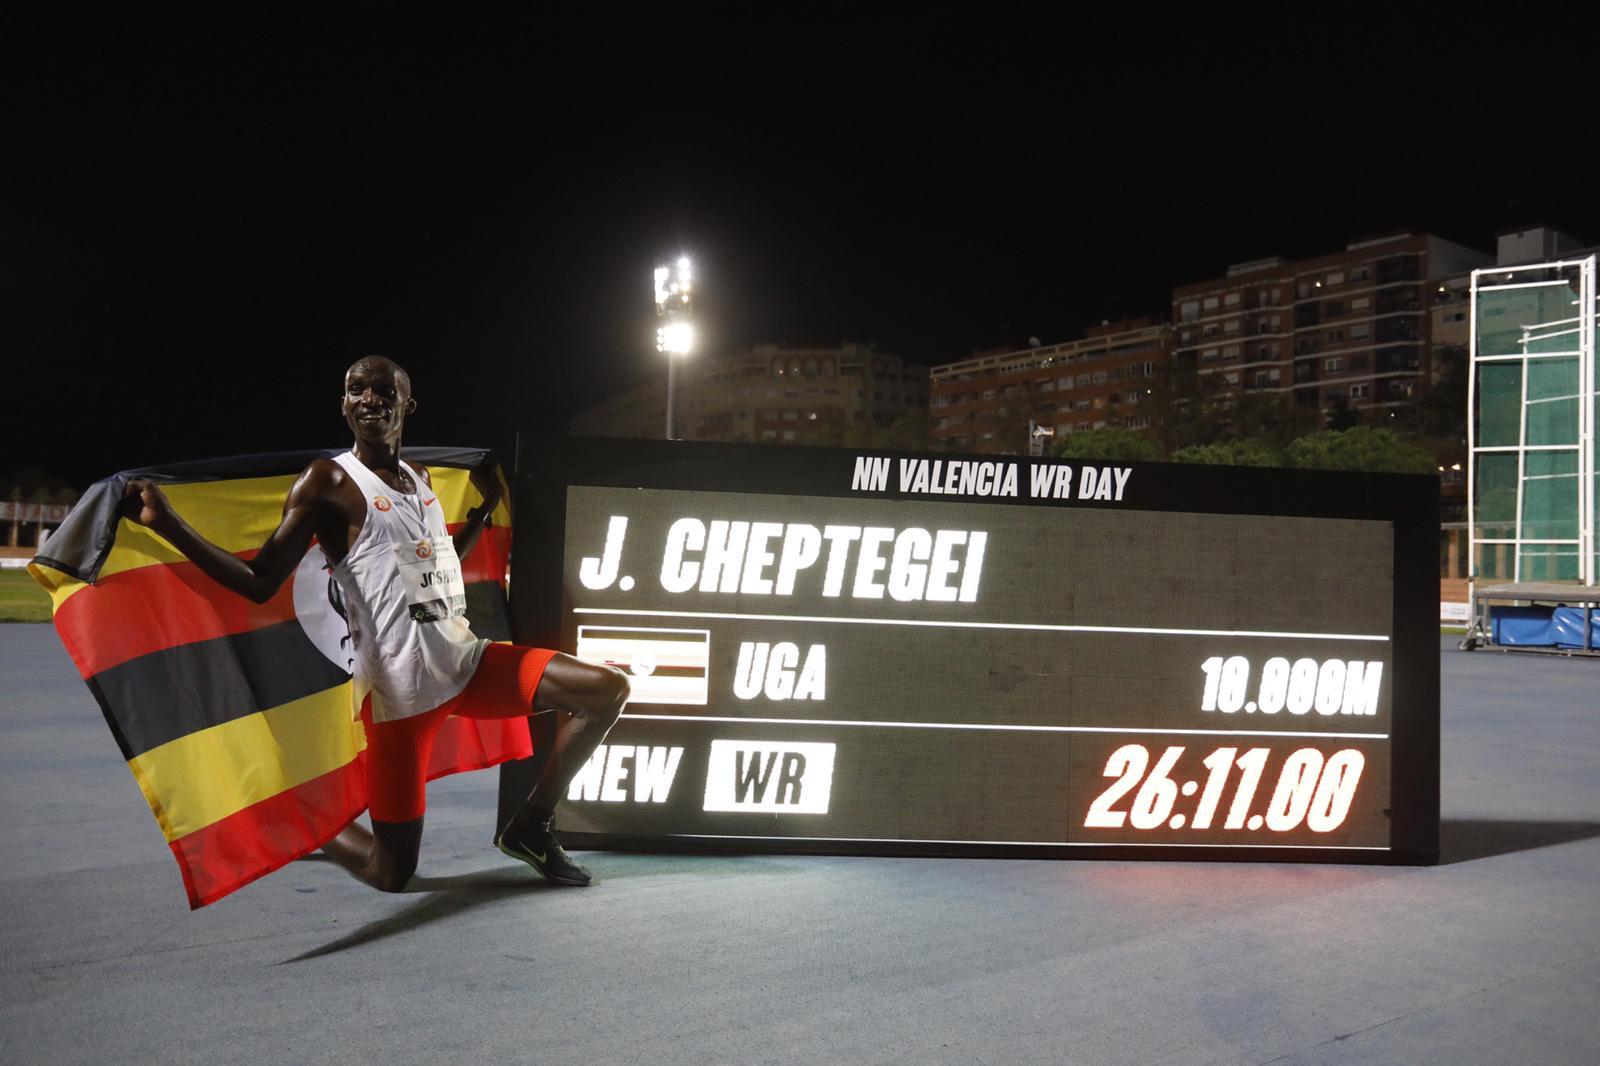 Cheptegei y Gidey récords del mundo en una noche mágica en Valencia